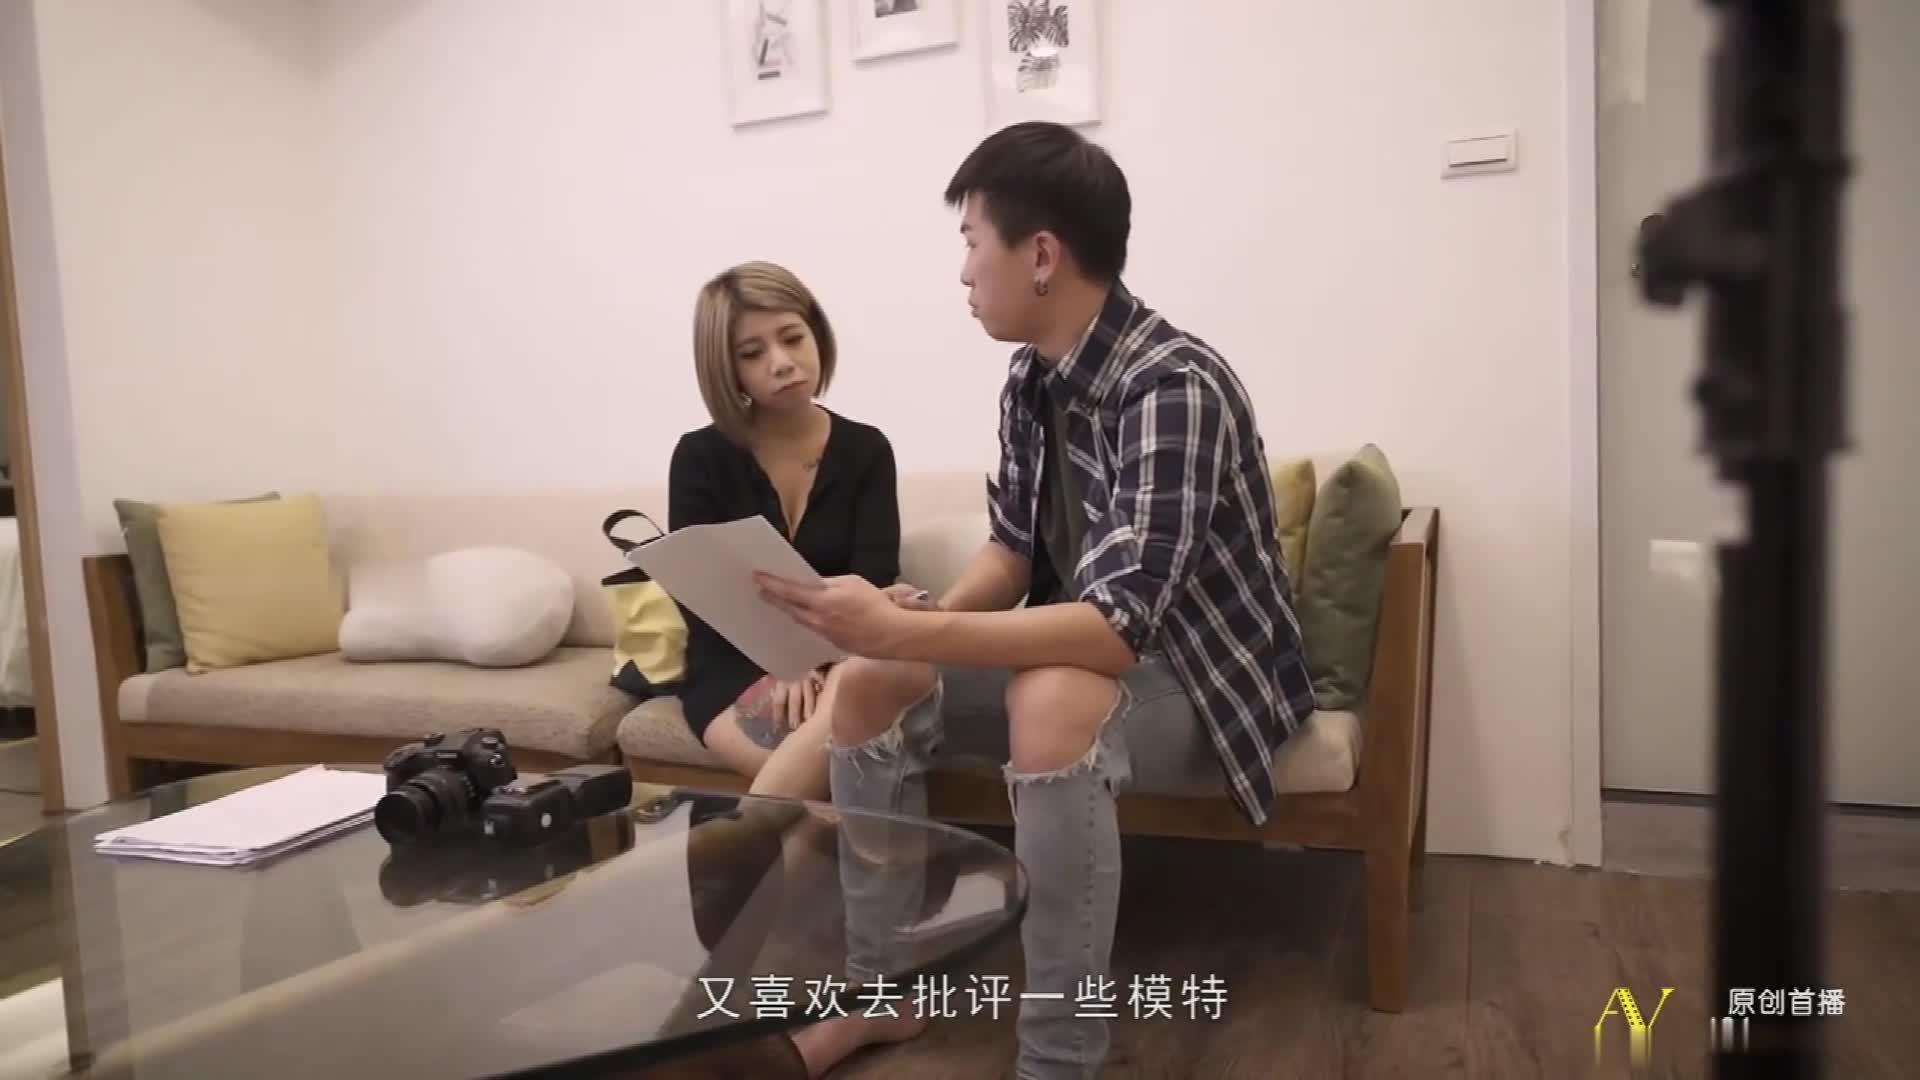 《新年贺岁档》国产AV剧情摄影师诱导女模发浪骚气调情在拍摄现场做爱1080P高清版